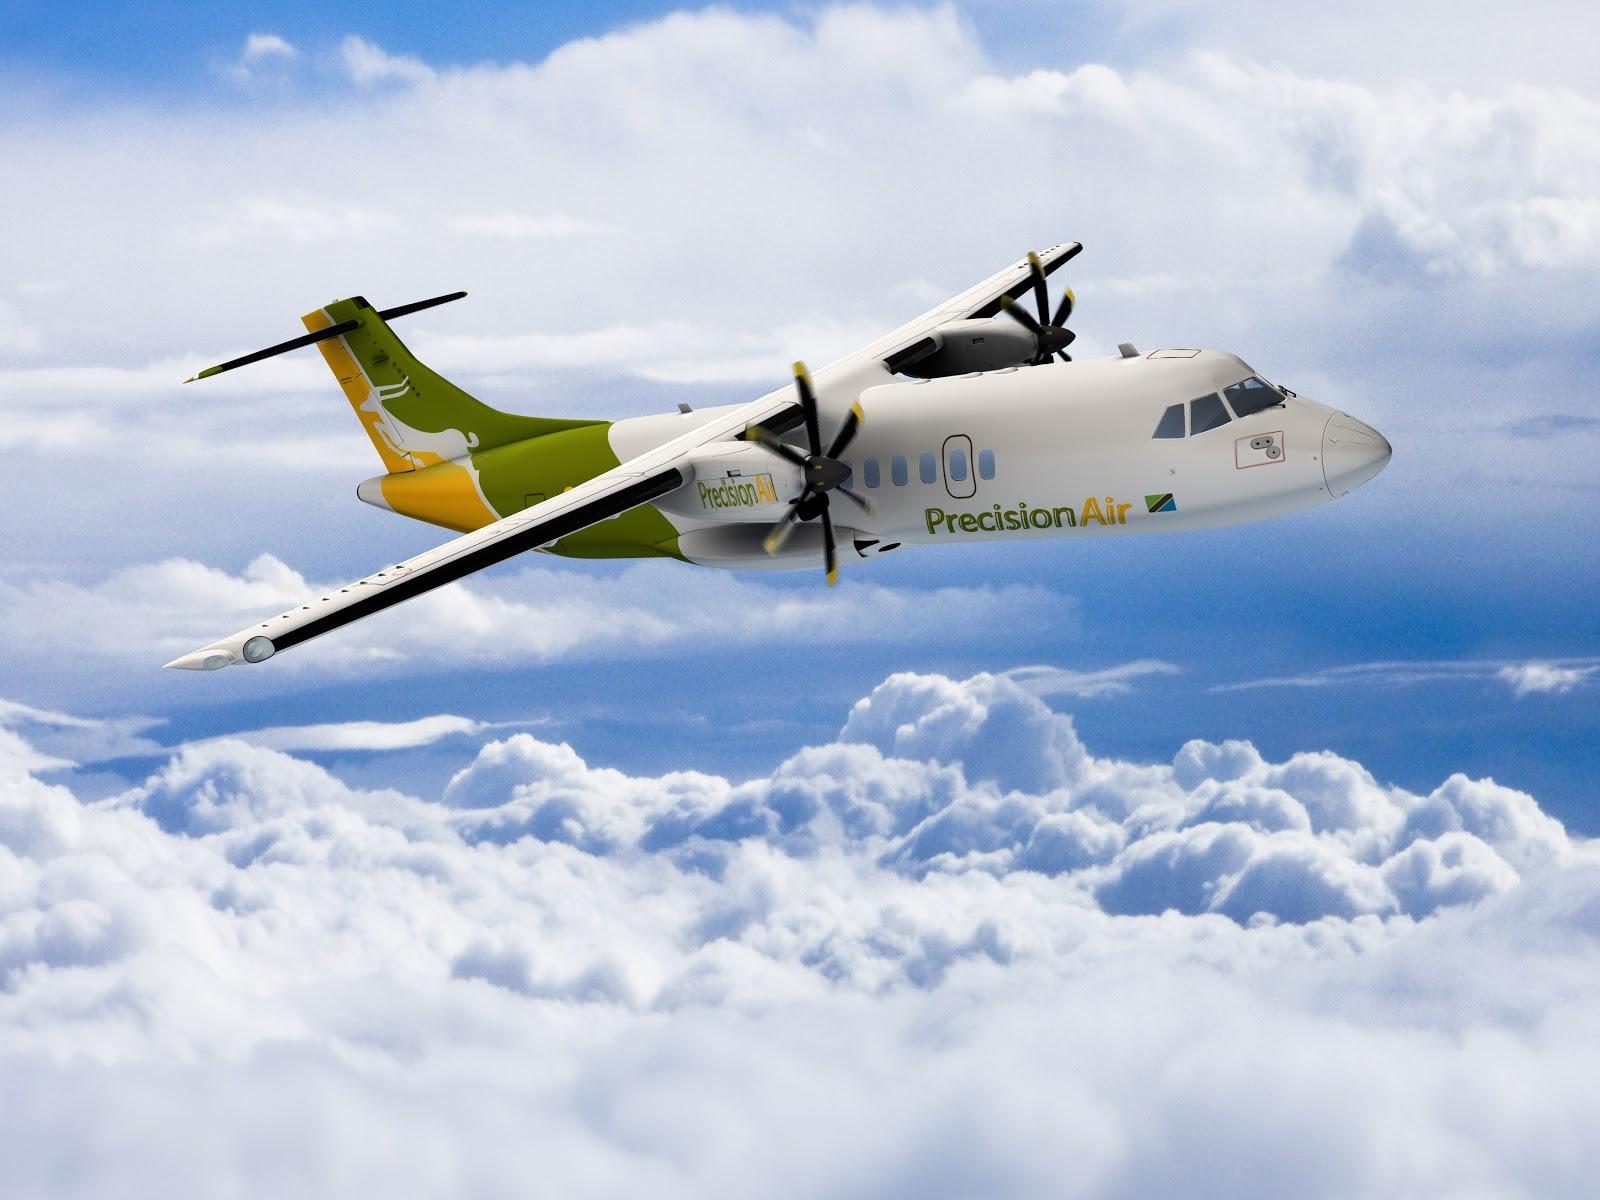 Μια μεγάλη επαγγελματική συμφωνία στο χώρο των αερομεταφορών – Zela Aviation και Precision Air ένωσαν τις δυνάμεις τους